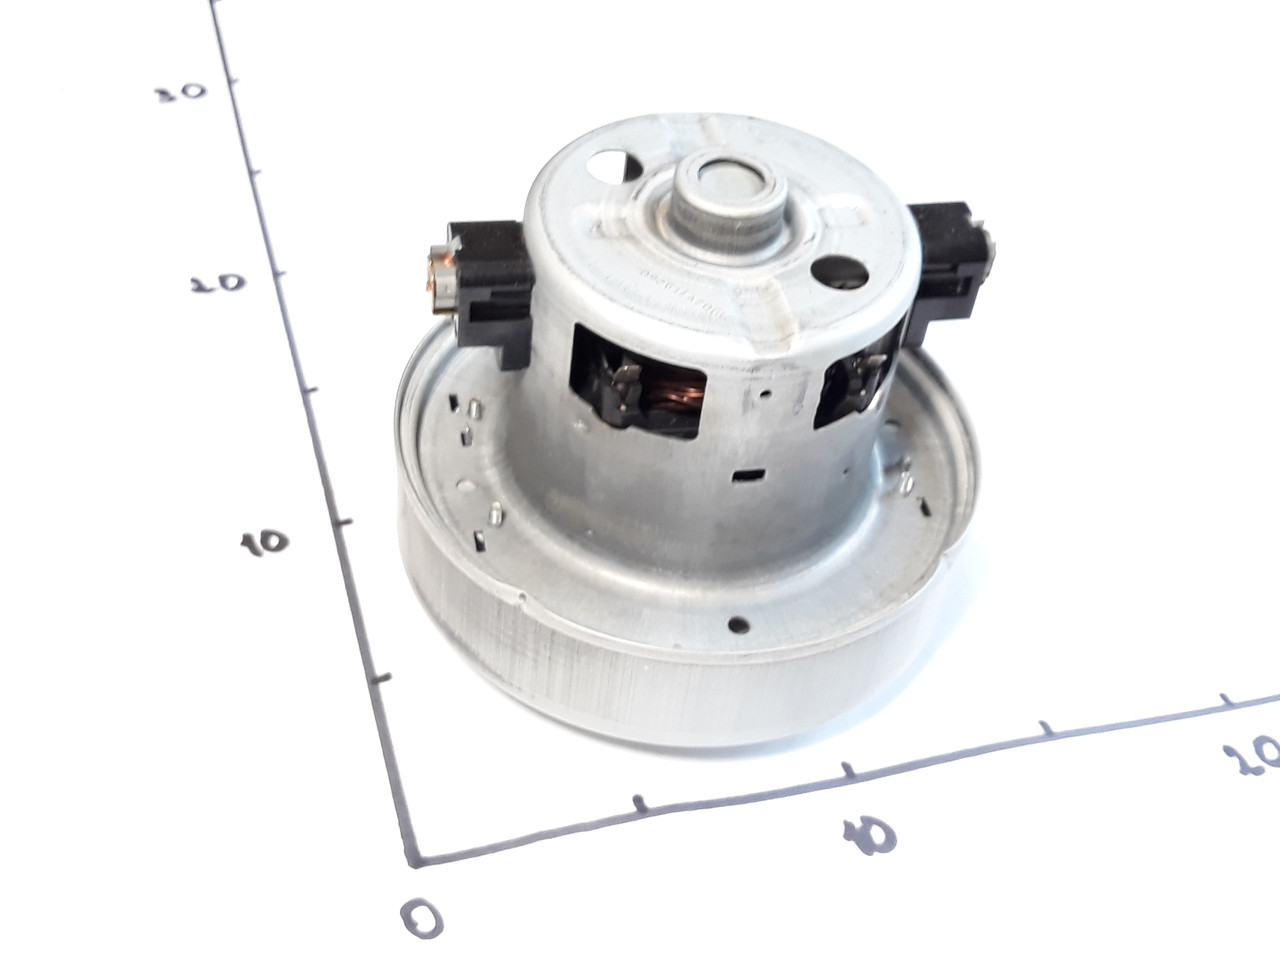 Электродвигатель для пылесоса 1900W (К90)